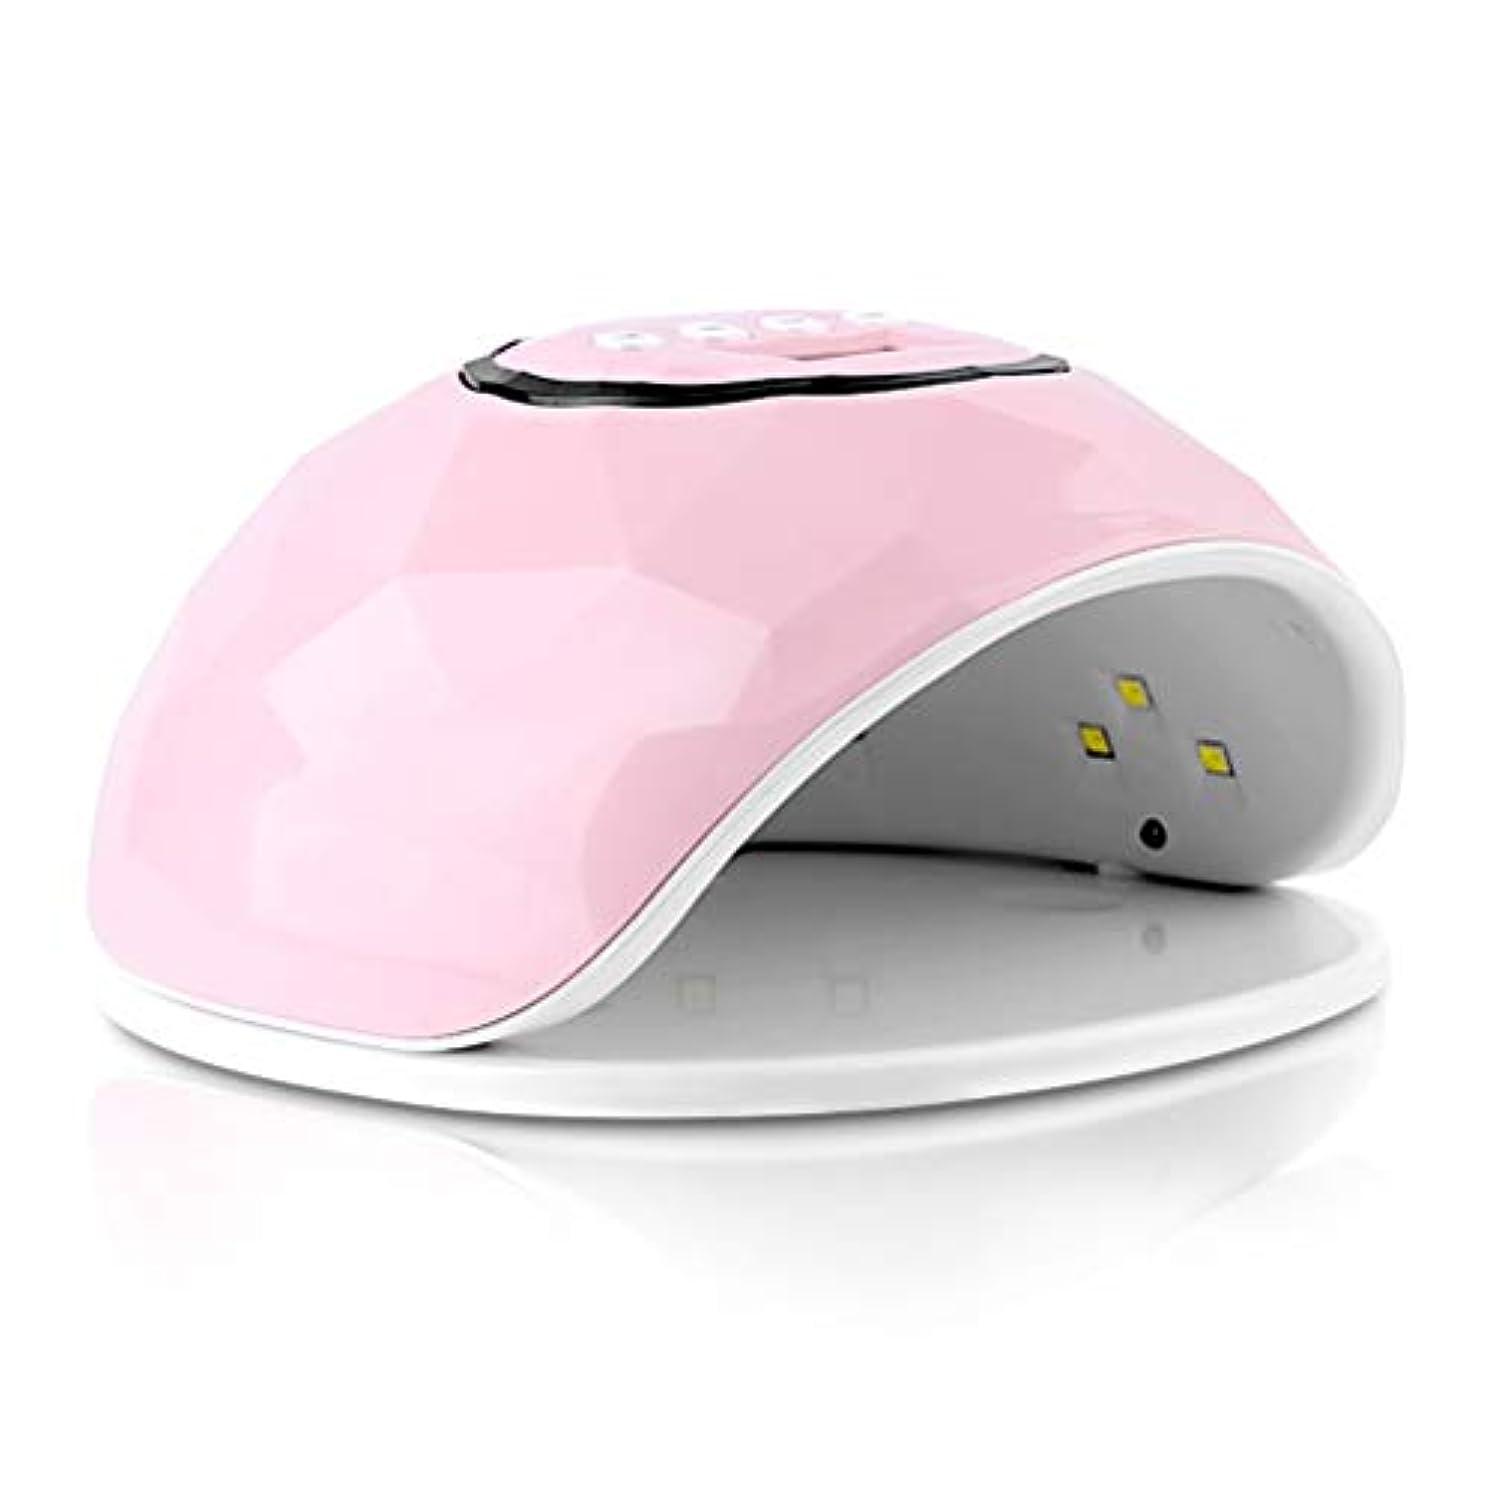 マグモルヒネノートネイルランプ72Wネイル光線療法ランプ速乾性インテリジェント誘導マニキュアグルーベーキングランプLEDドライヤー (Color : Pink)